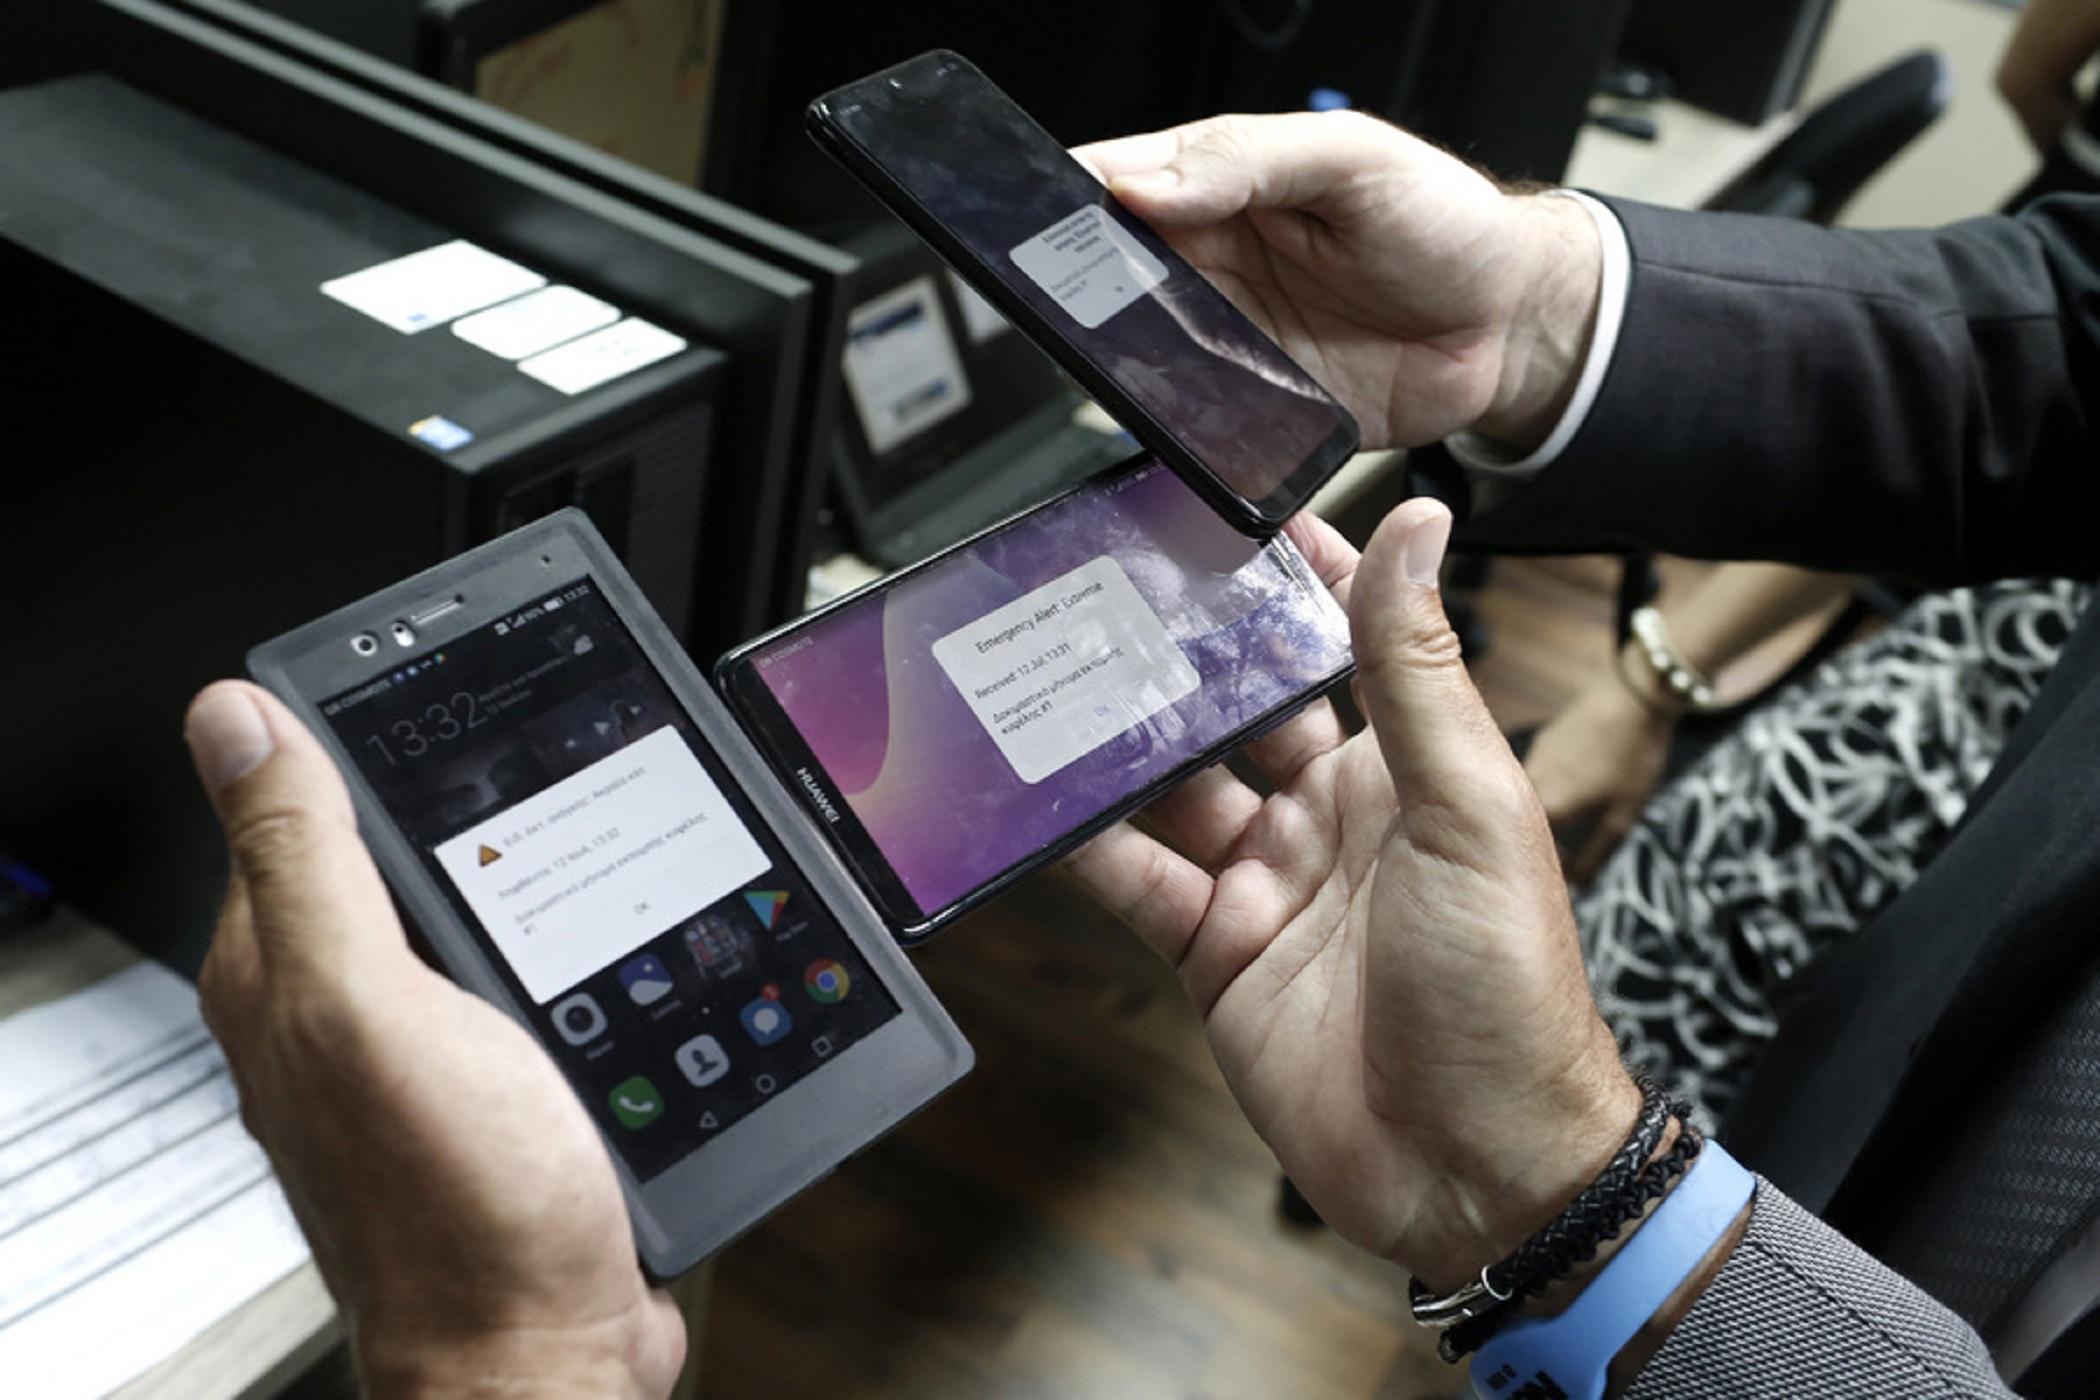 Πανευρωπαϊκή έρευνα: Η κλοπή προσωπικών δεδομένων απασχολεί περισσότερο τους Έλληνες